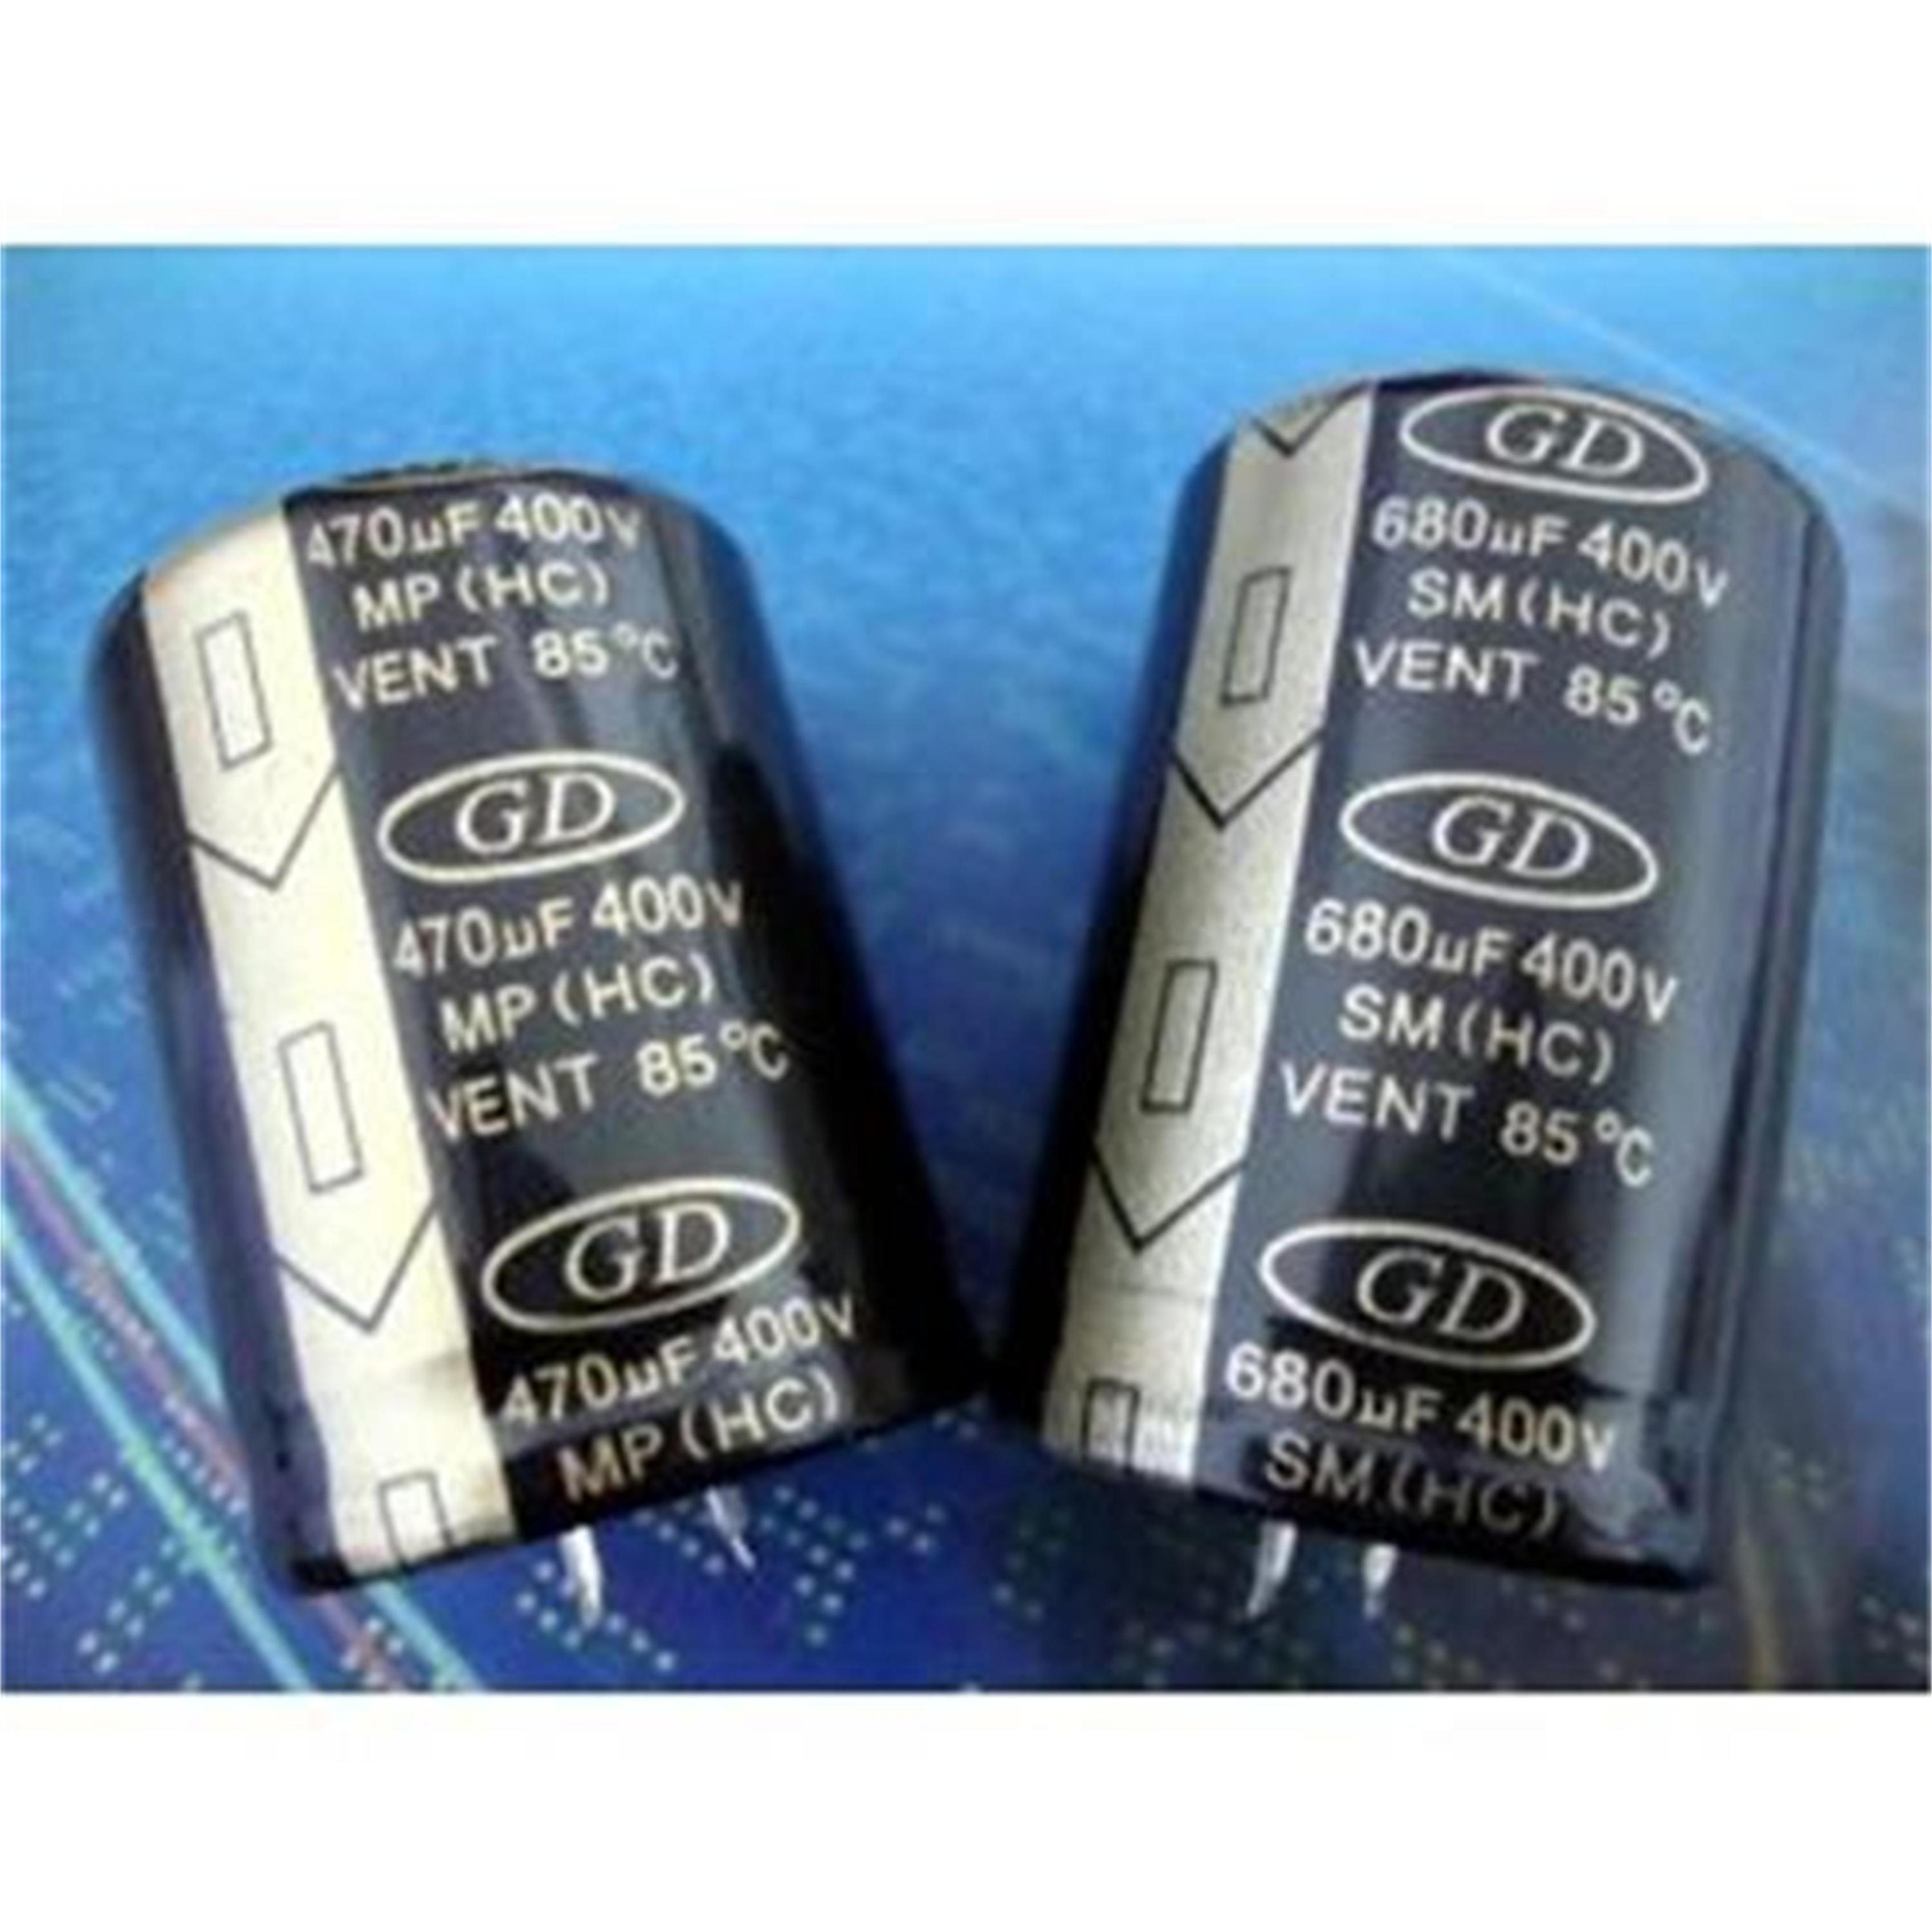 牛角铝电解电容HP820UF200V尺寸30x5045484985